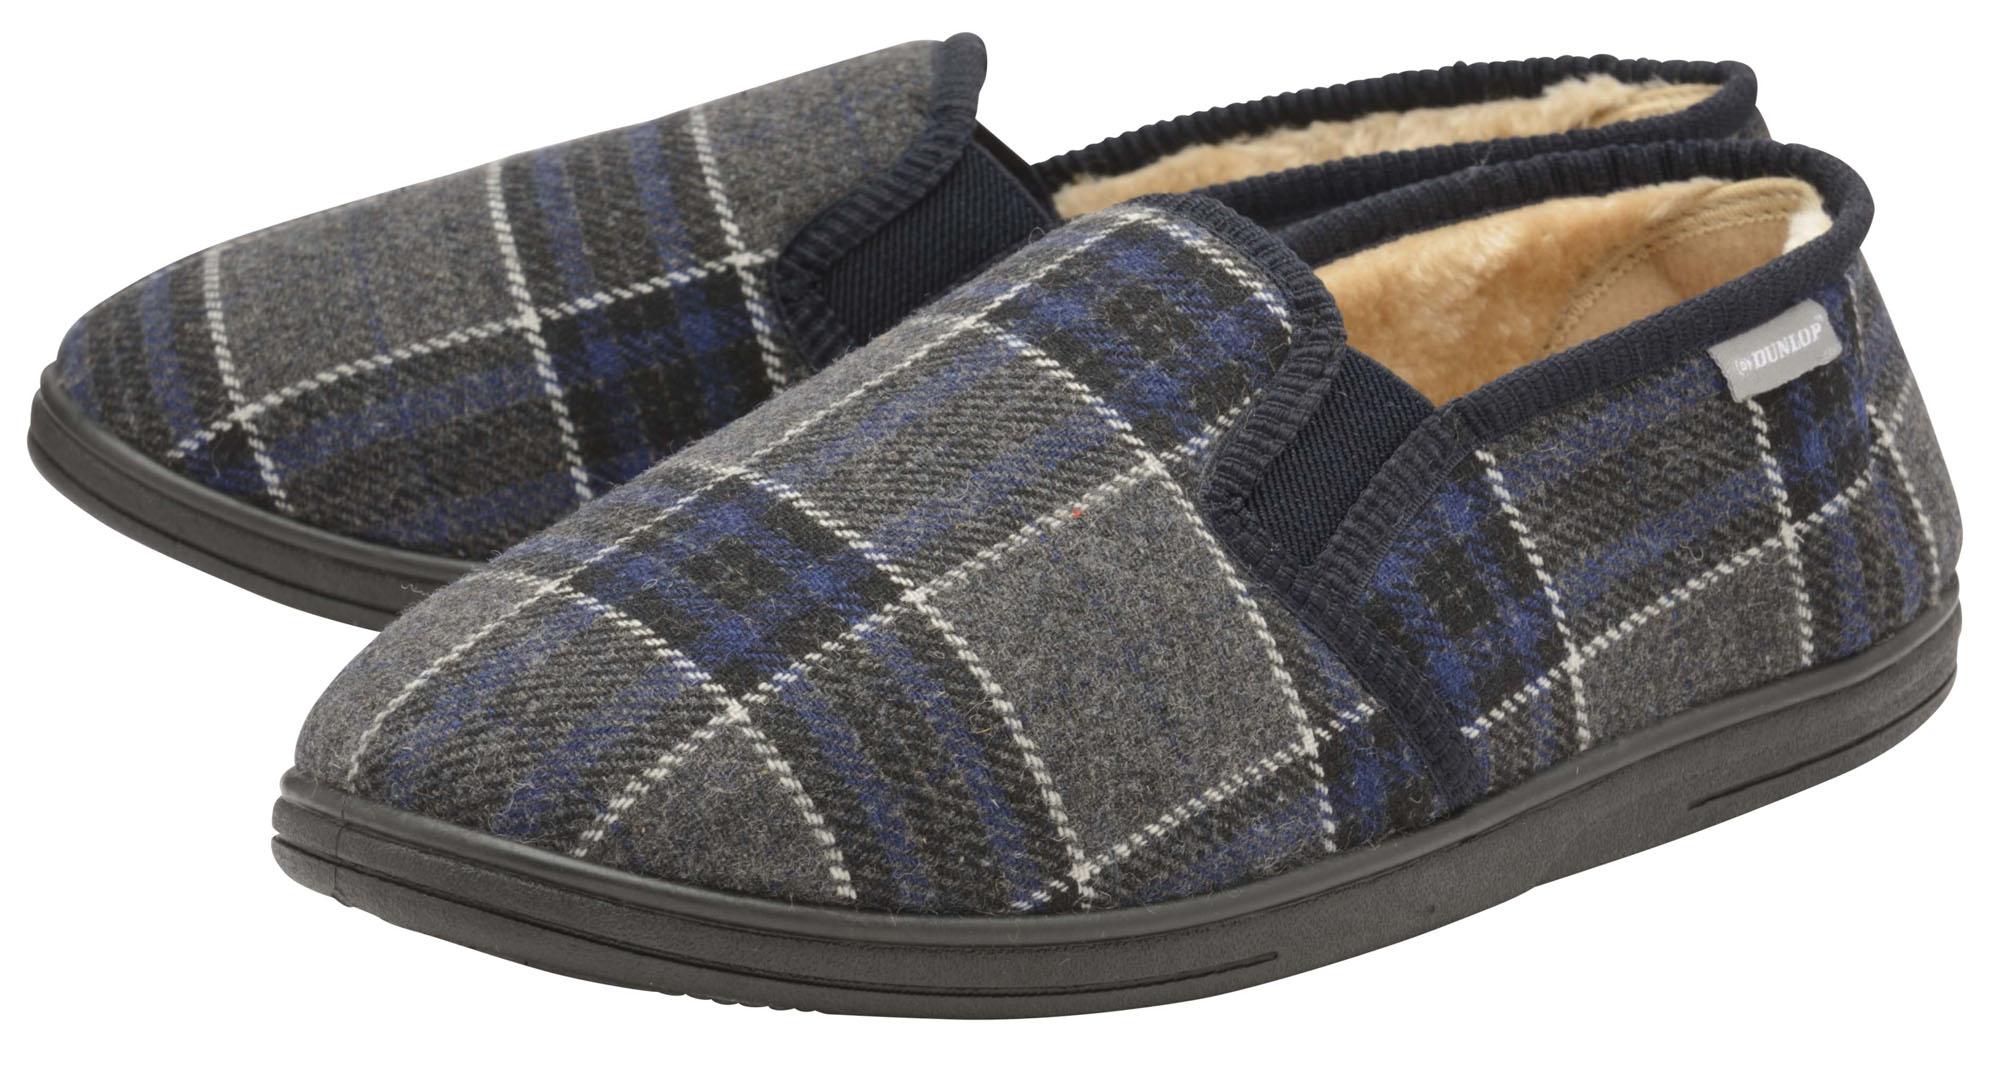 Dunlop Mens Slippers Slip On Twin Gusset Fur Lined Memory Foam in Sock Size 8-13